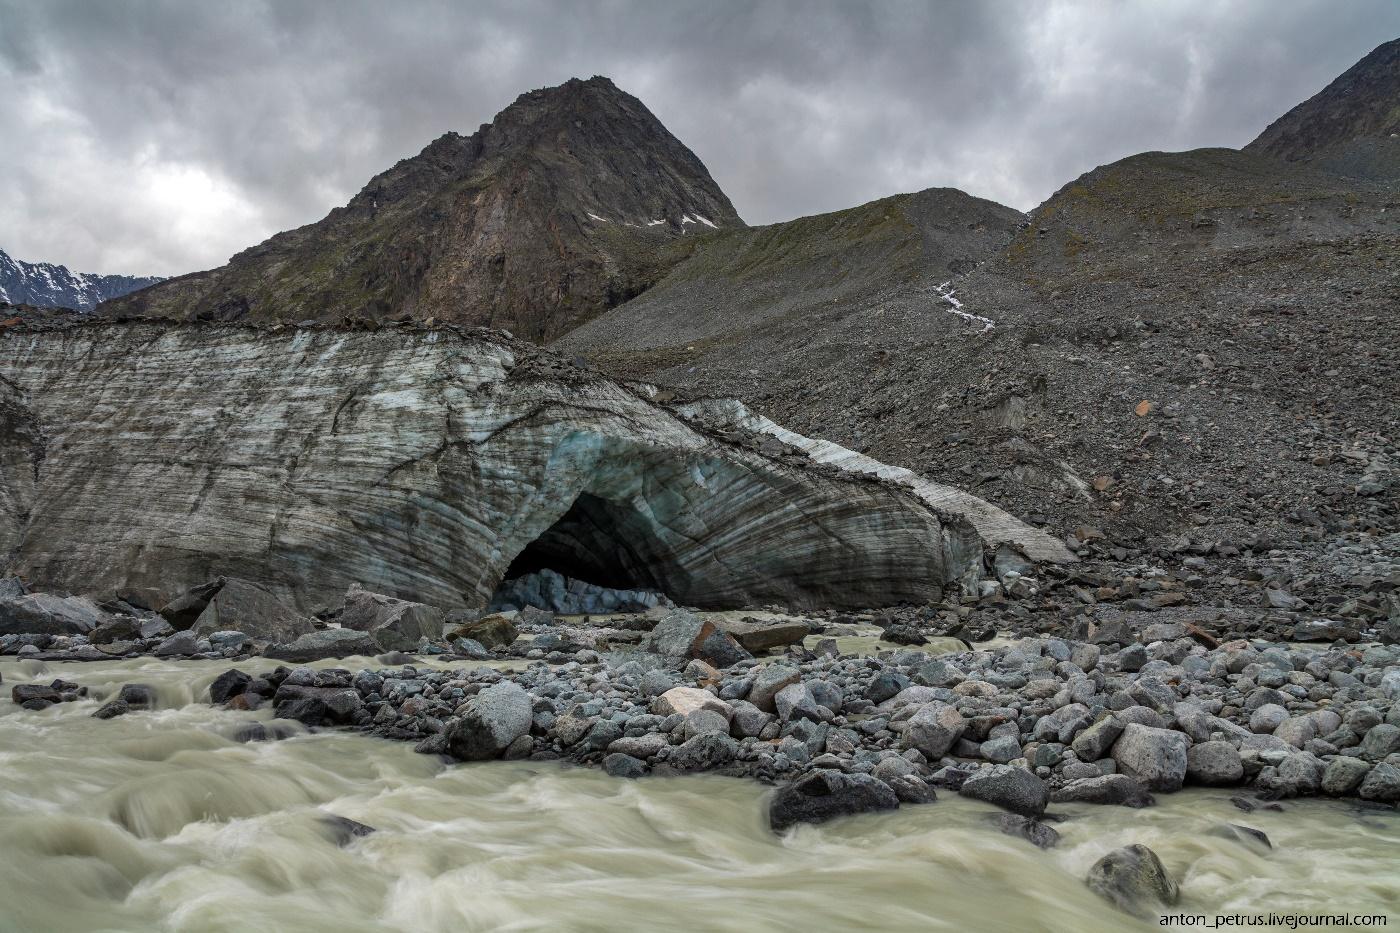 Beauteous landscapes of Altai Krai on photos by Anton Petrus - 9